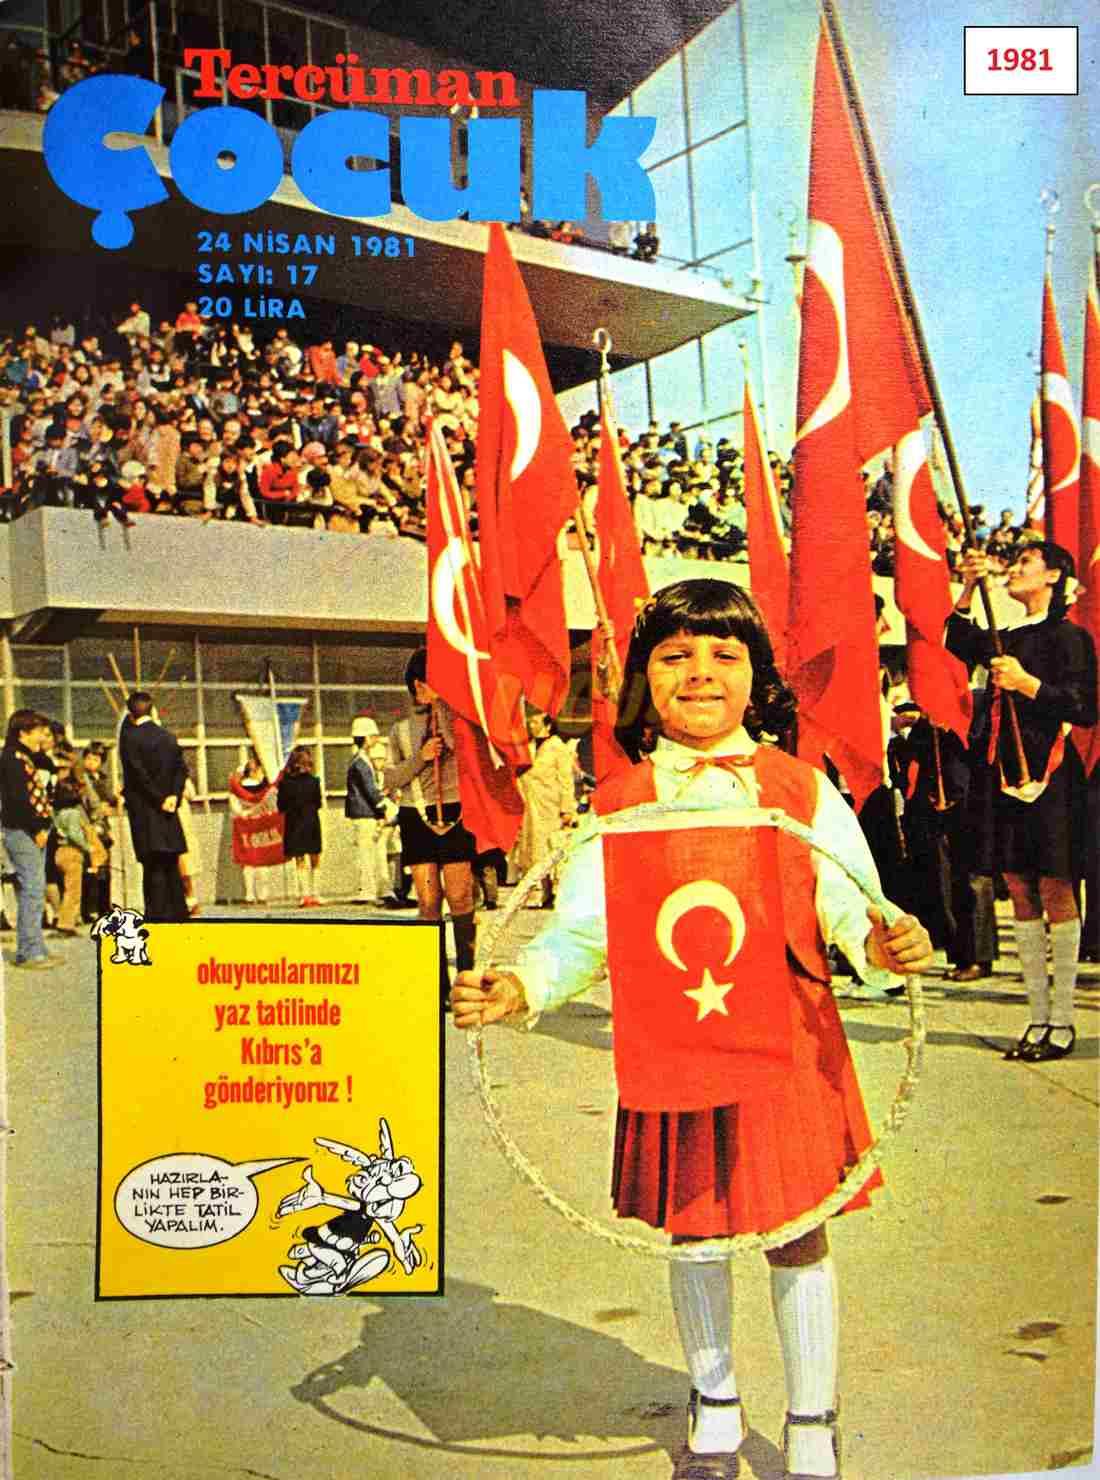 1981 tercüman çocuk 3